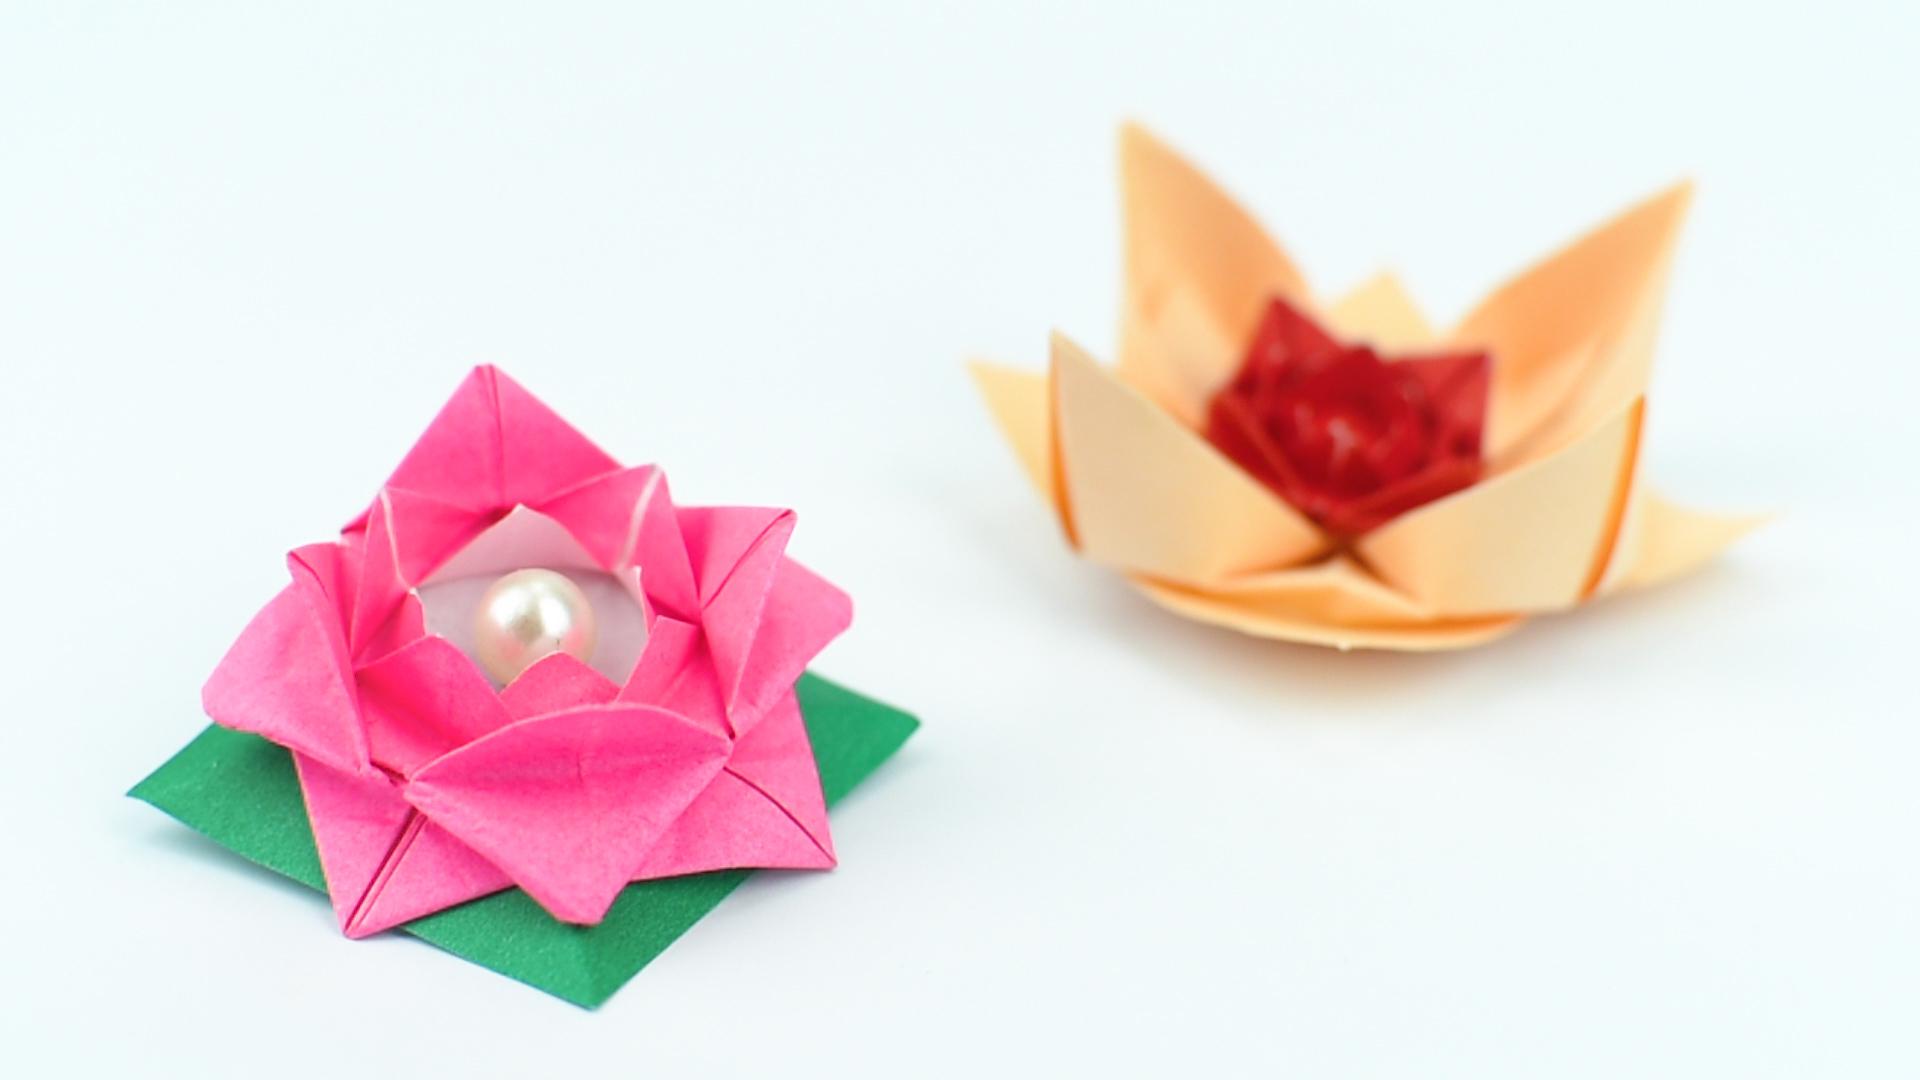 3 Manières De Faire Un Origami - Wikihow dedans Origami Rose Facile A Faire